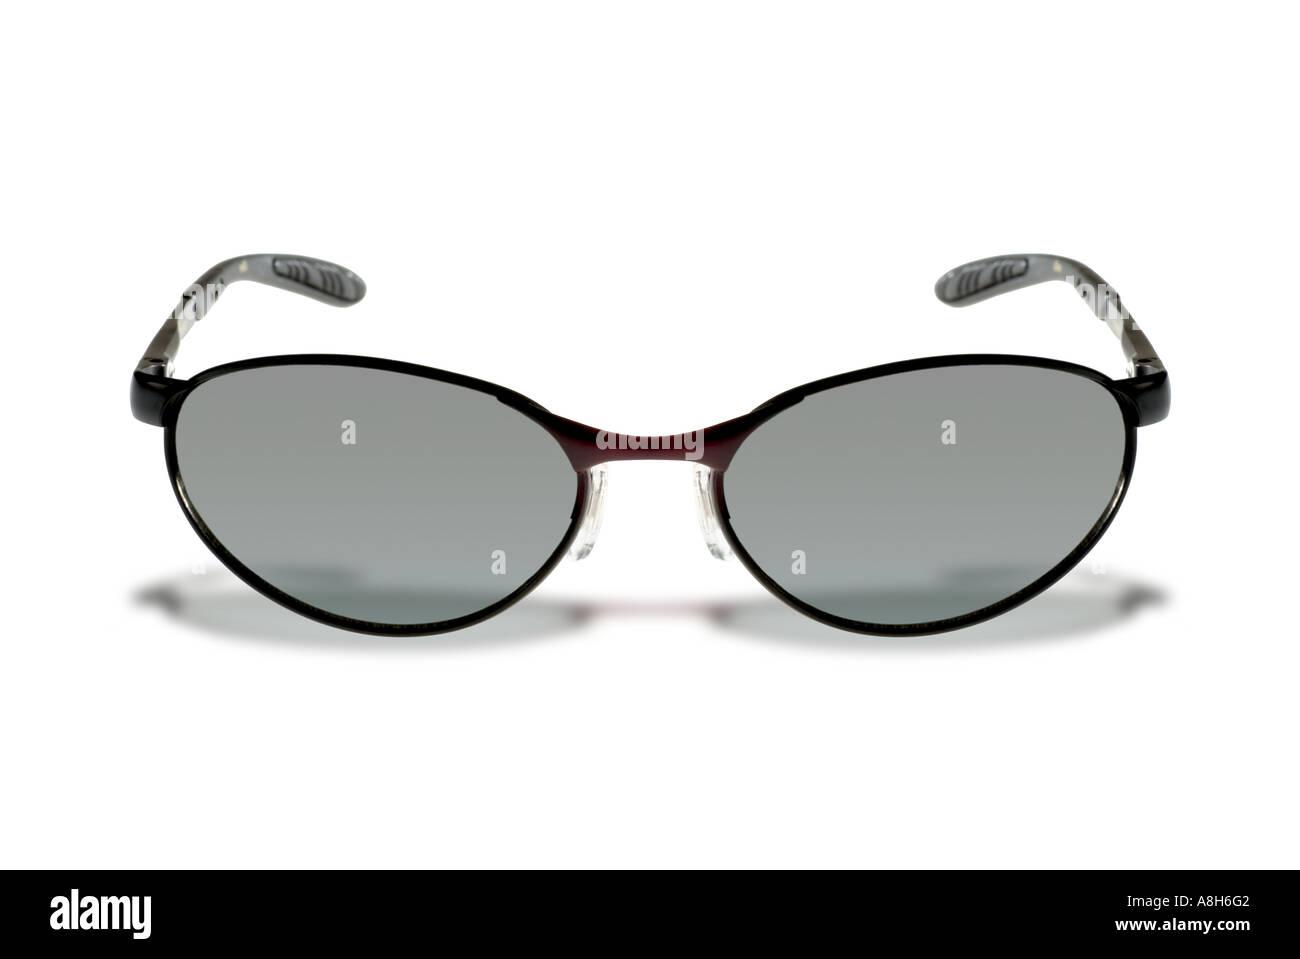 18be633573d Julbo Explorer glacier sunglasses with Cameleon photochromic dark lenses on  a blue background. BY39T5 (RM). Photochromic Eye Glasses Dark Phase - Stock  ...